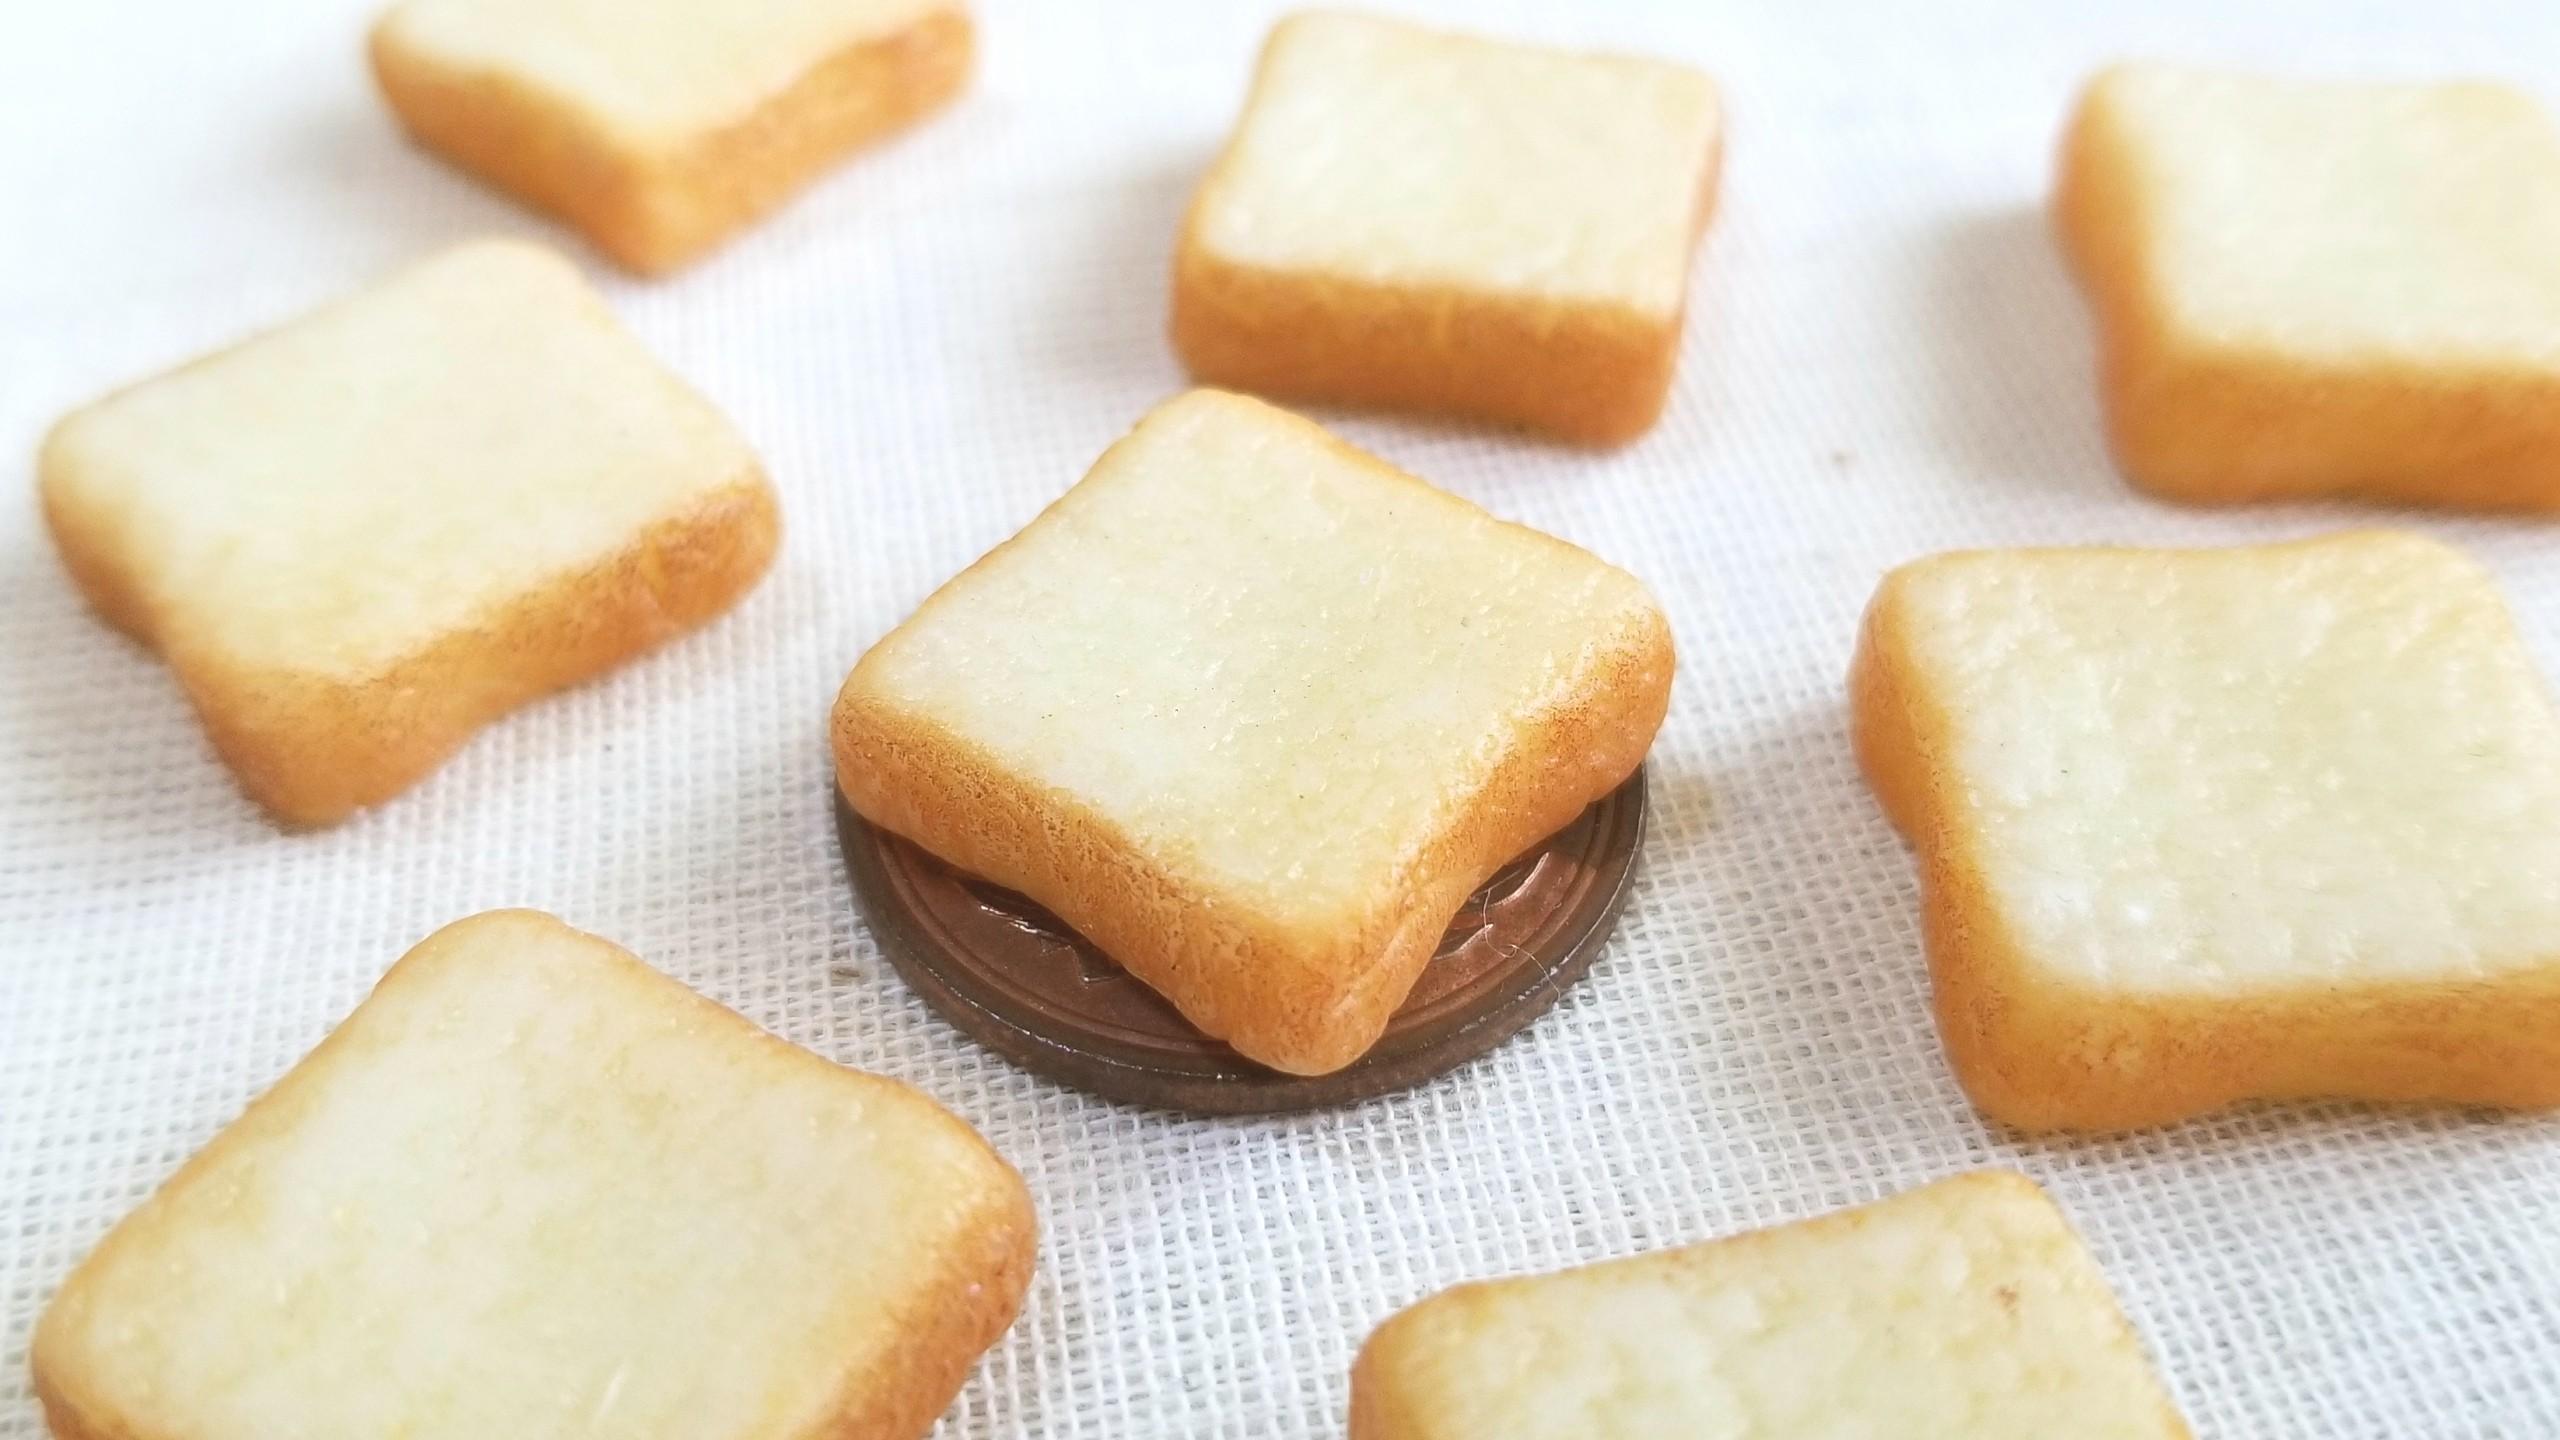 ミニチュア,美味しい食パン,ふんわり,柔らかい,しっとり,ドール小物